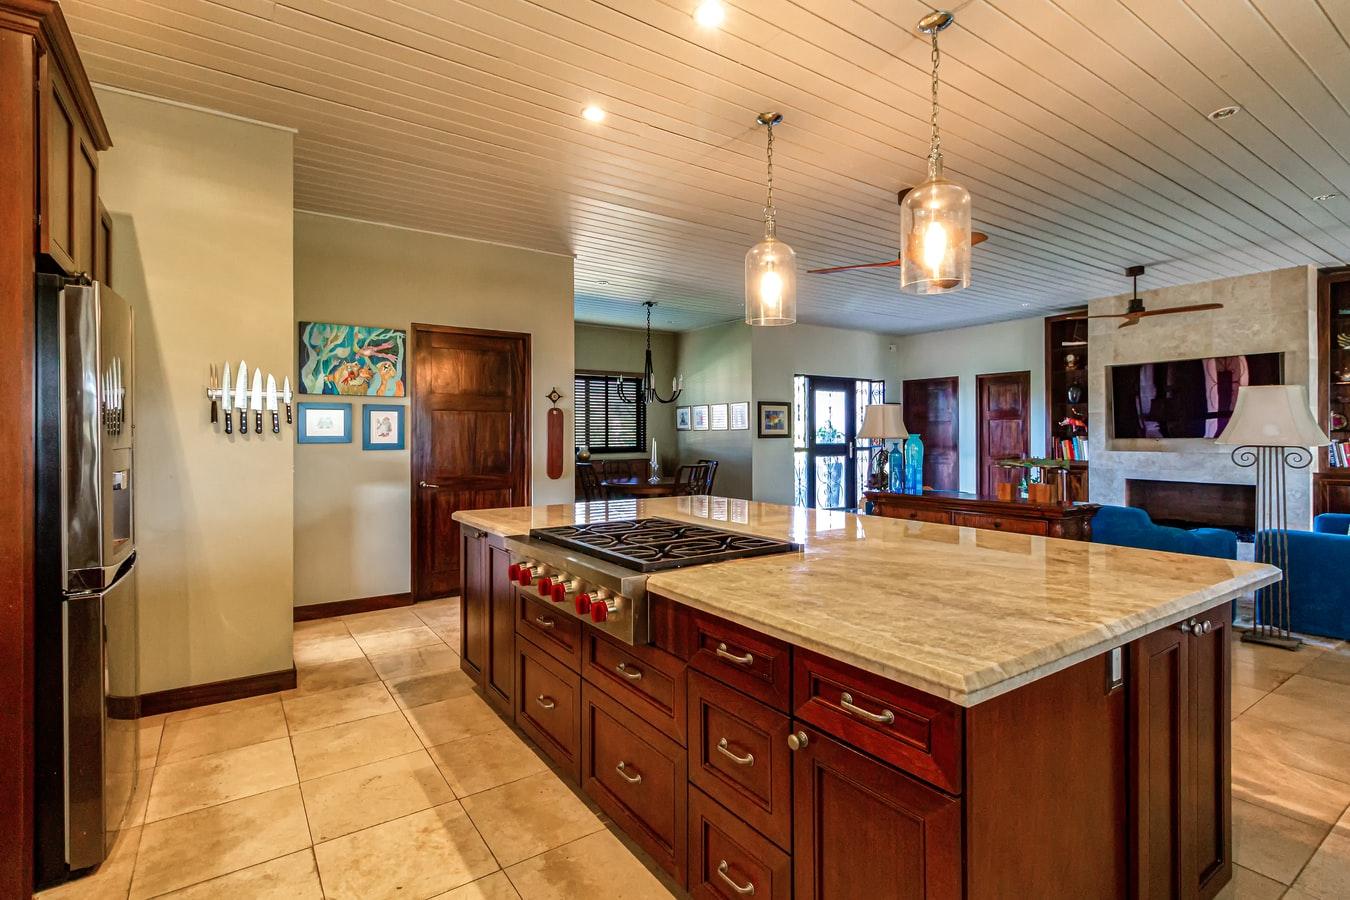 charmante houten keuken